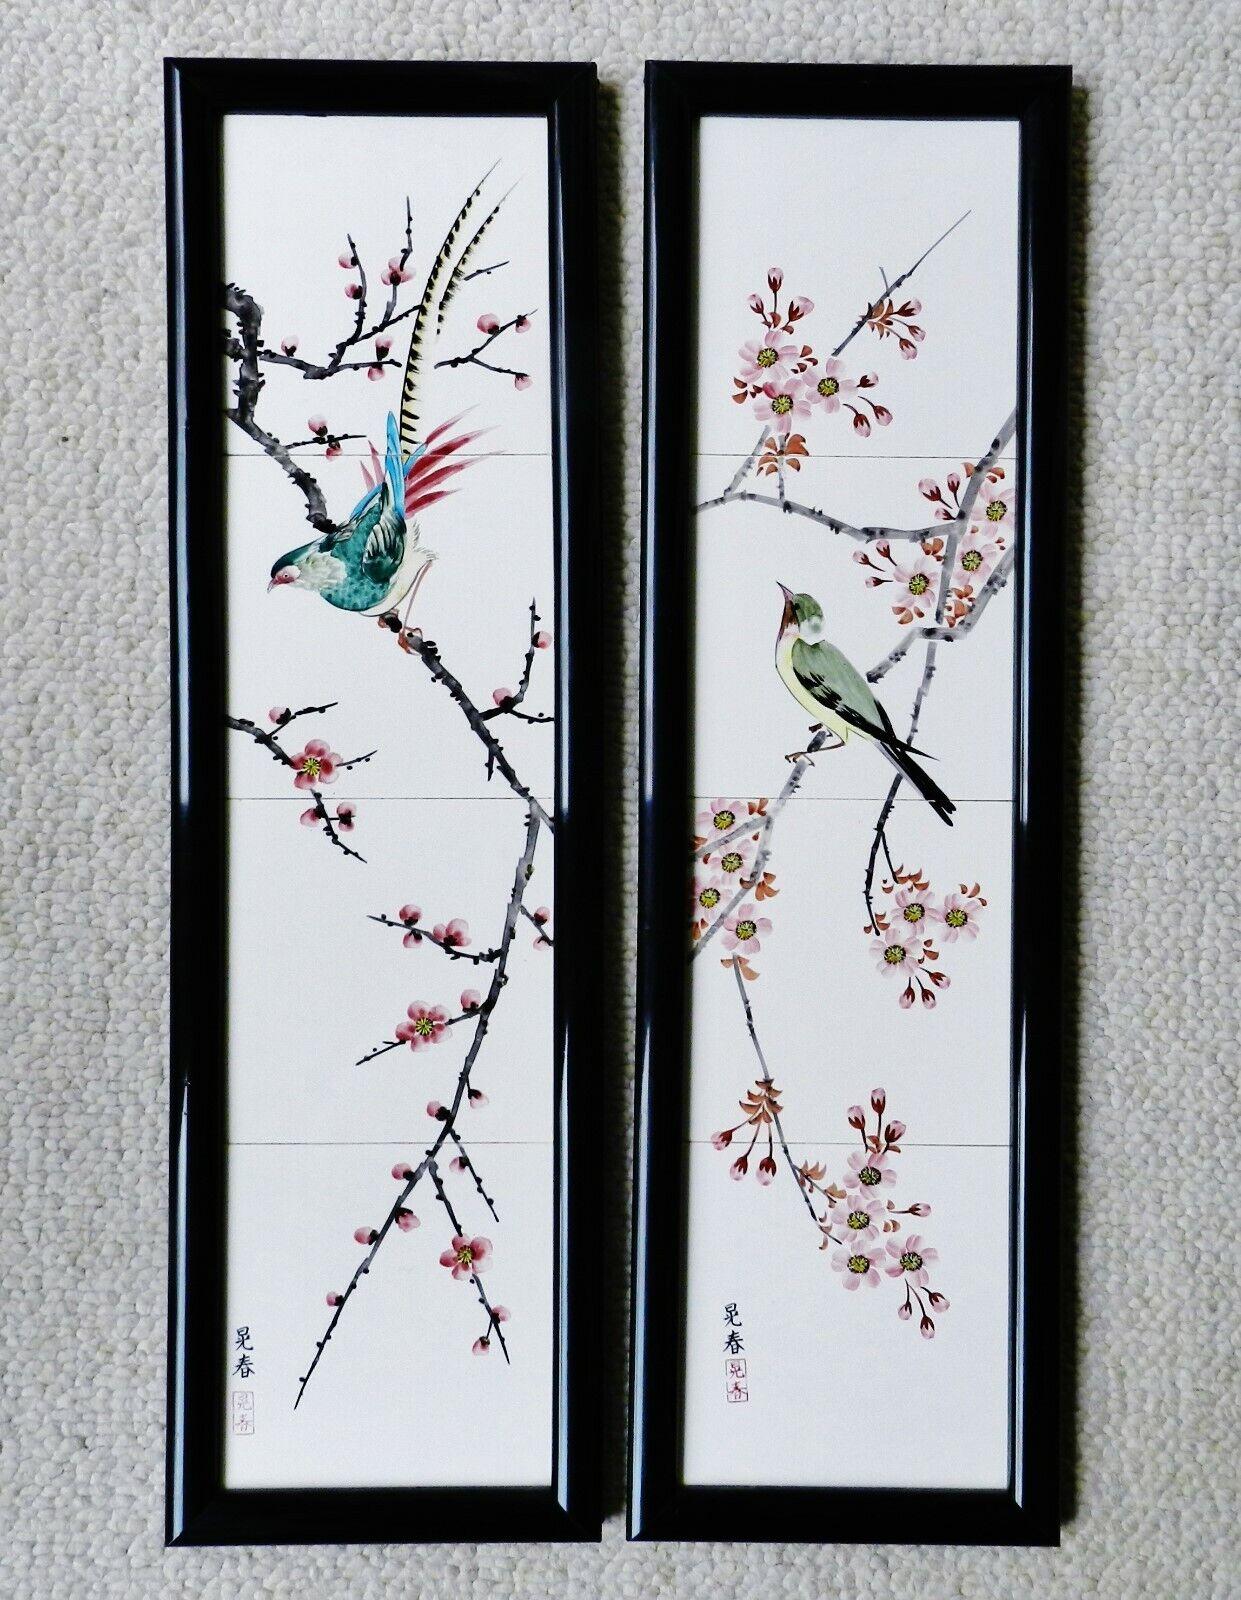 c1920 Japanese Pair Porcelain 4-Panel Plaque Paintings Signed 晃春 Koharu Antique